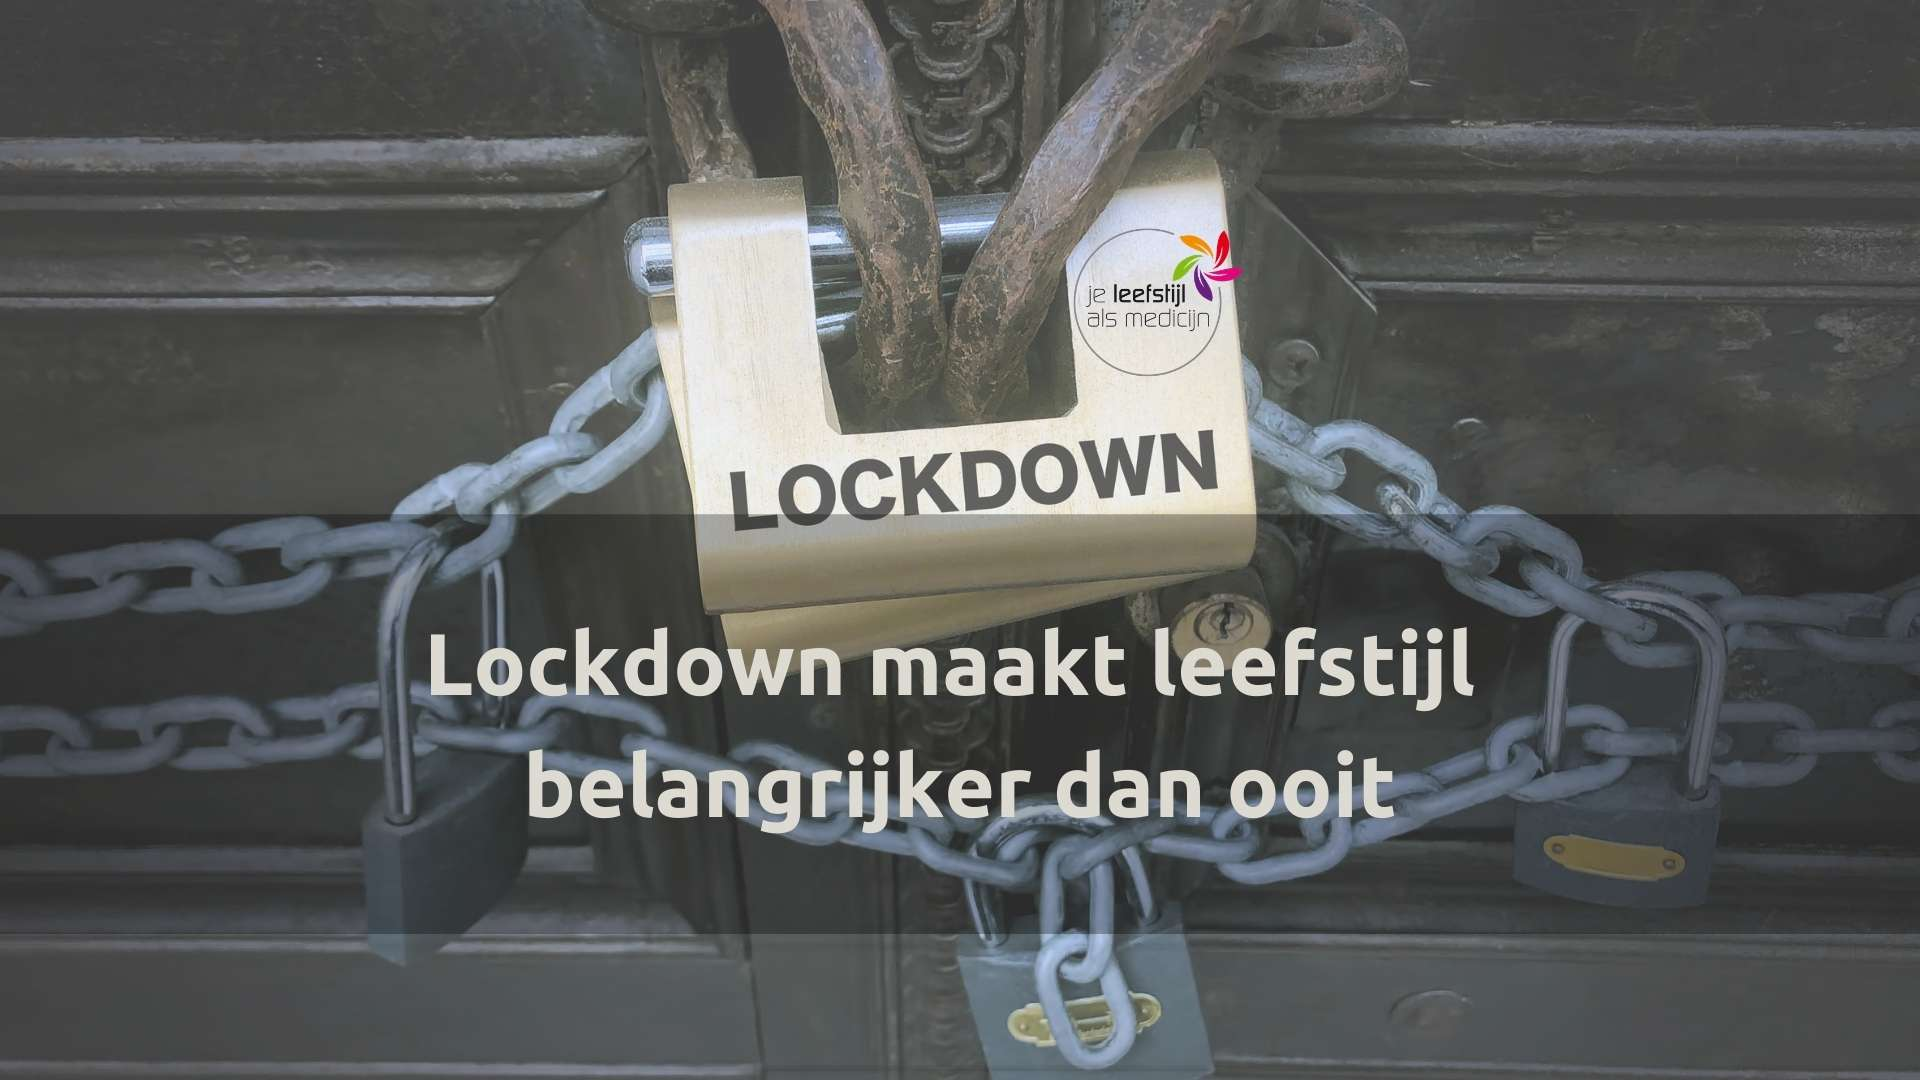 Lockdown maakt leefstijl belangrijker dan ooit